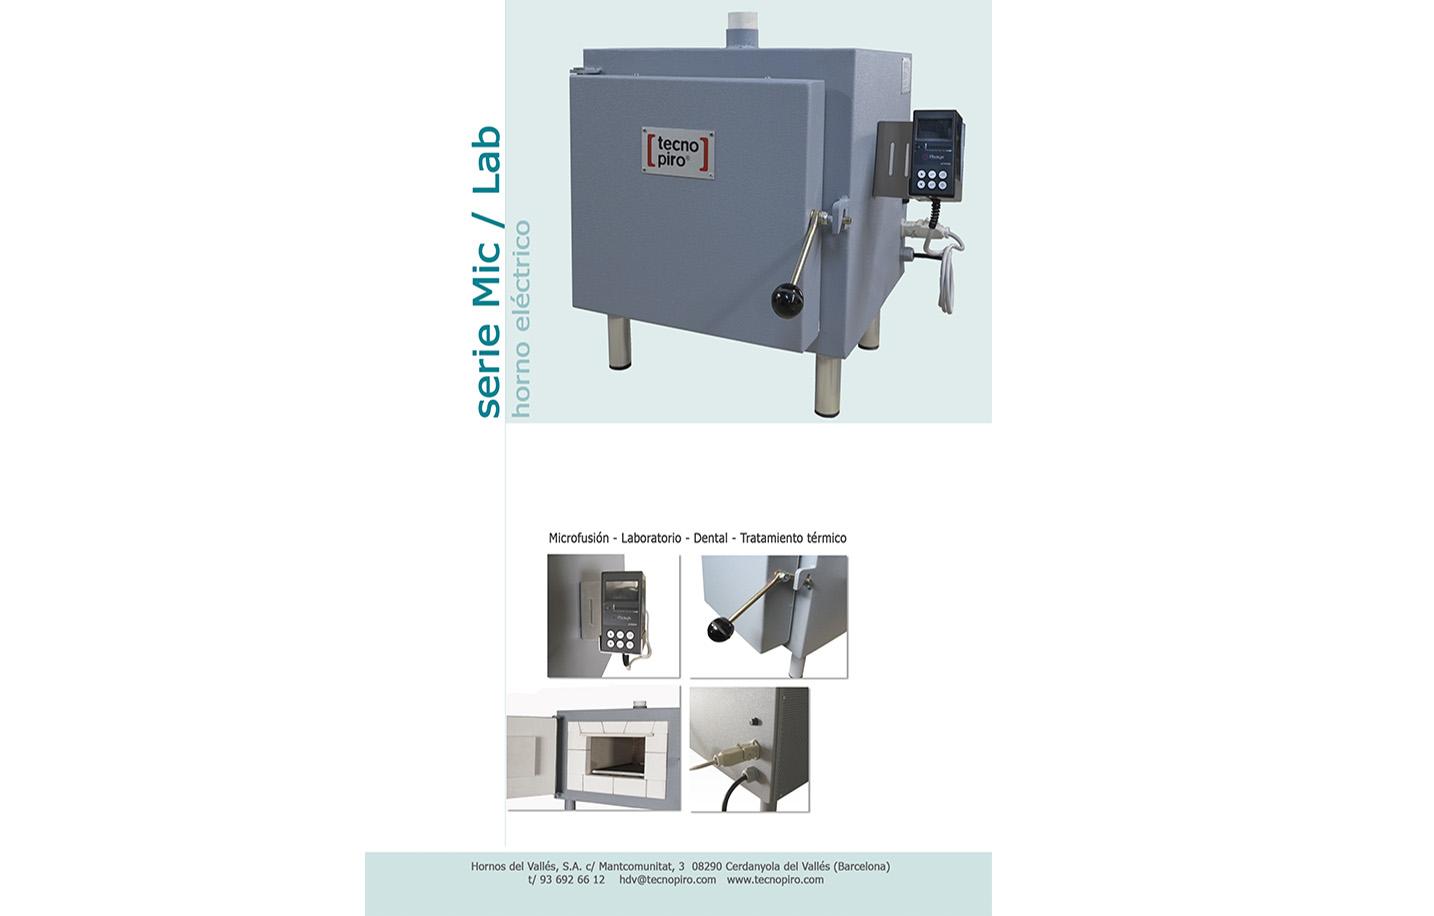 Catálogo hornos microfusión, joyería y laboratorio